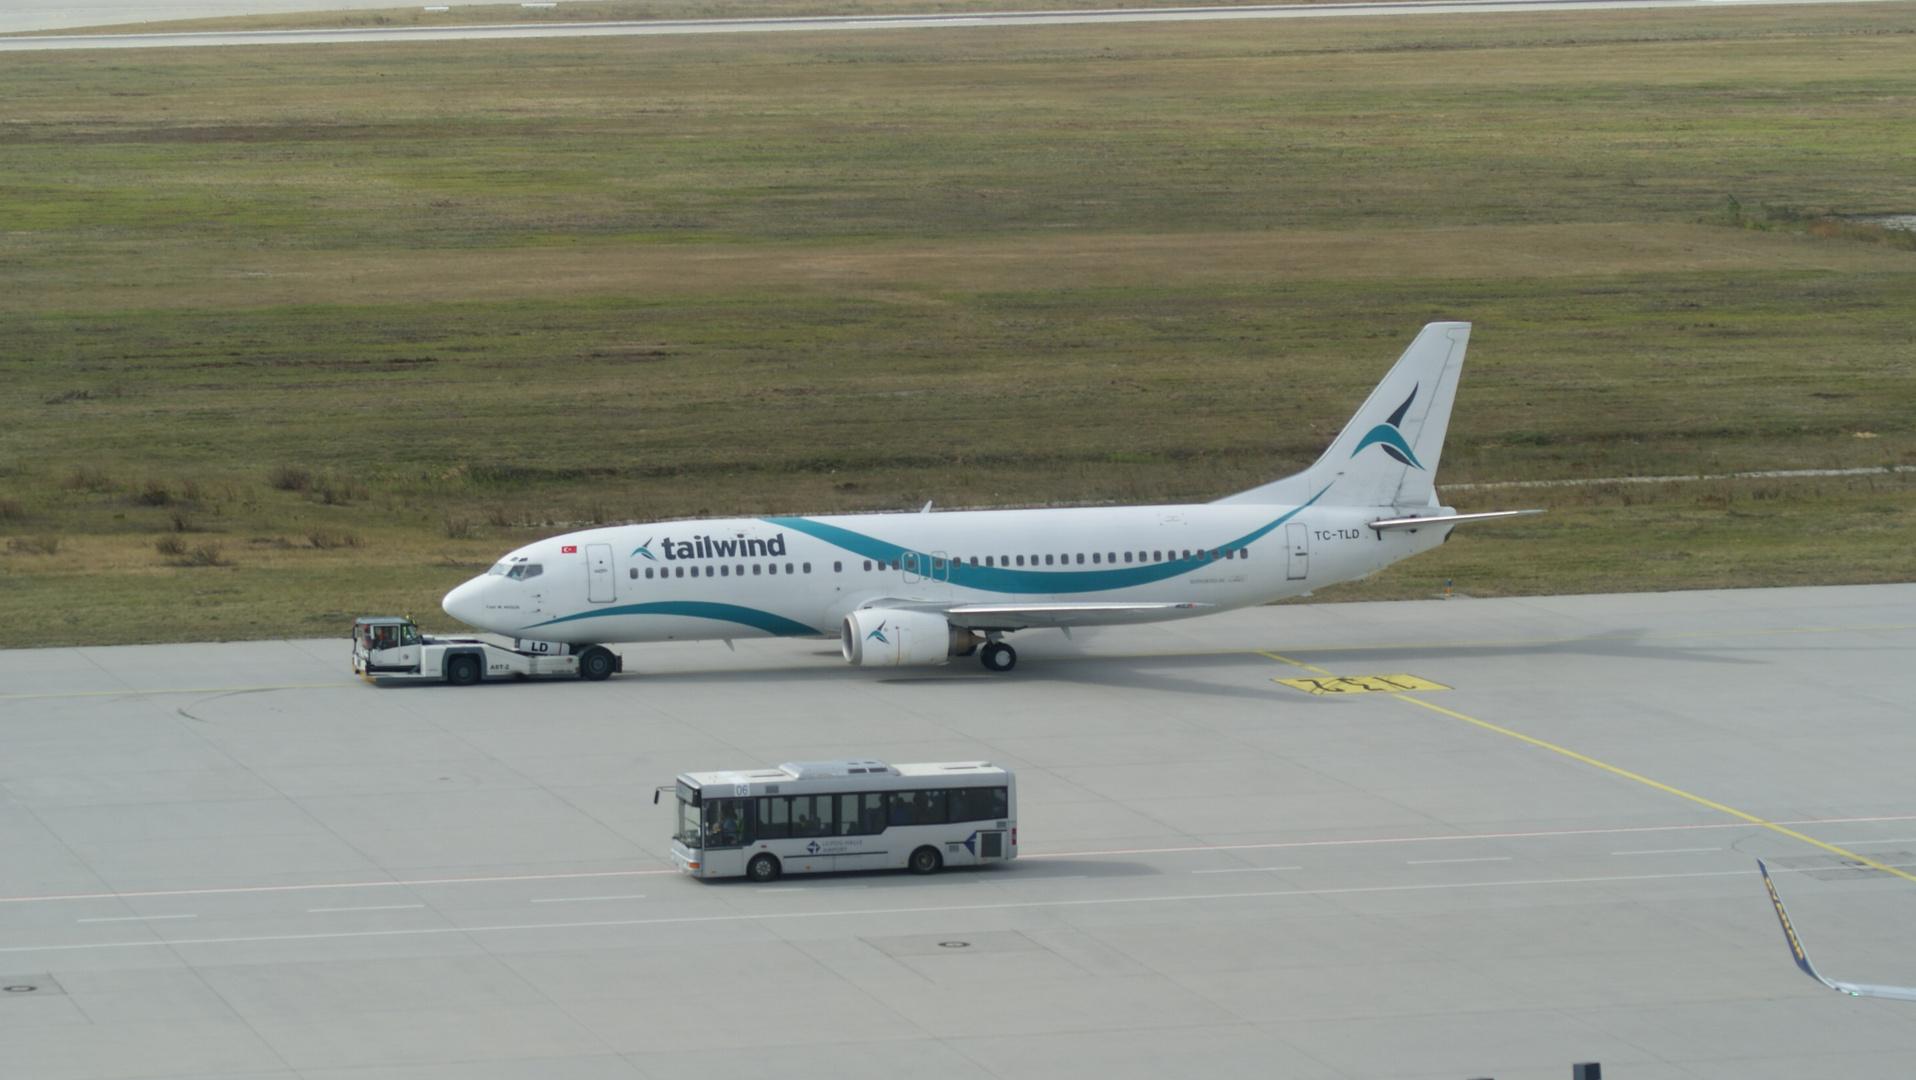 Tailwind Airways